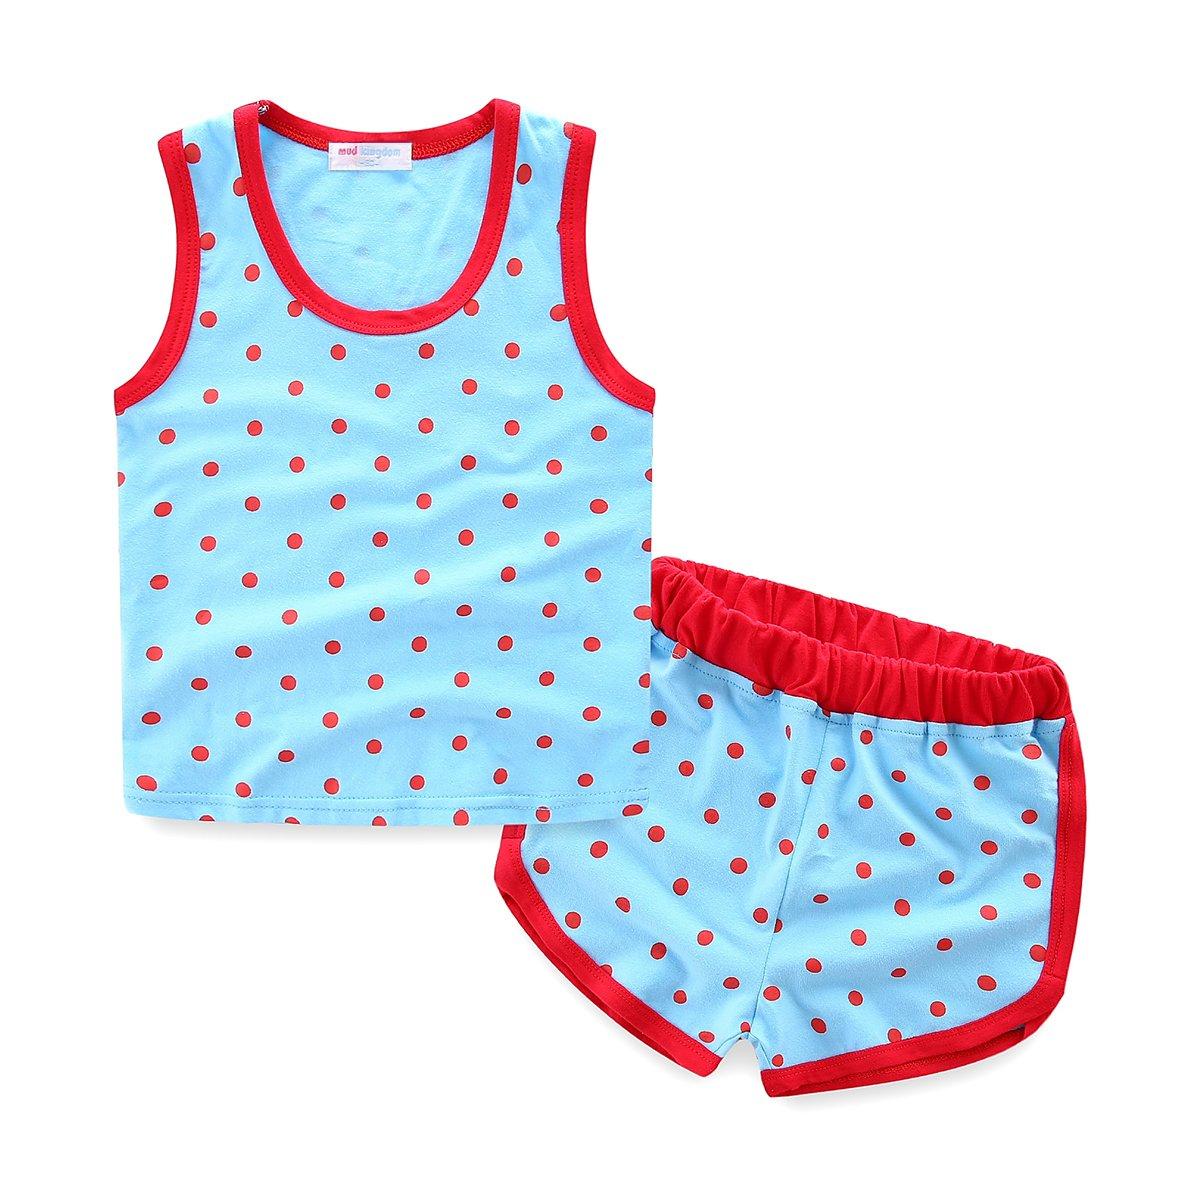 Mud Kingdom Kids Outfits Polka Dot Tank Top Short Clothes Sets Holiday